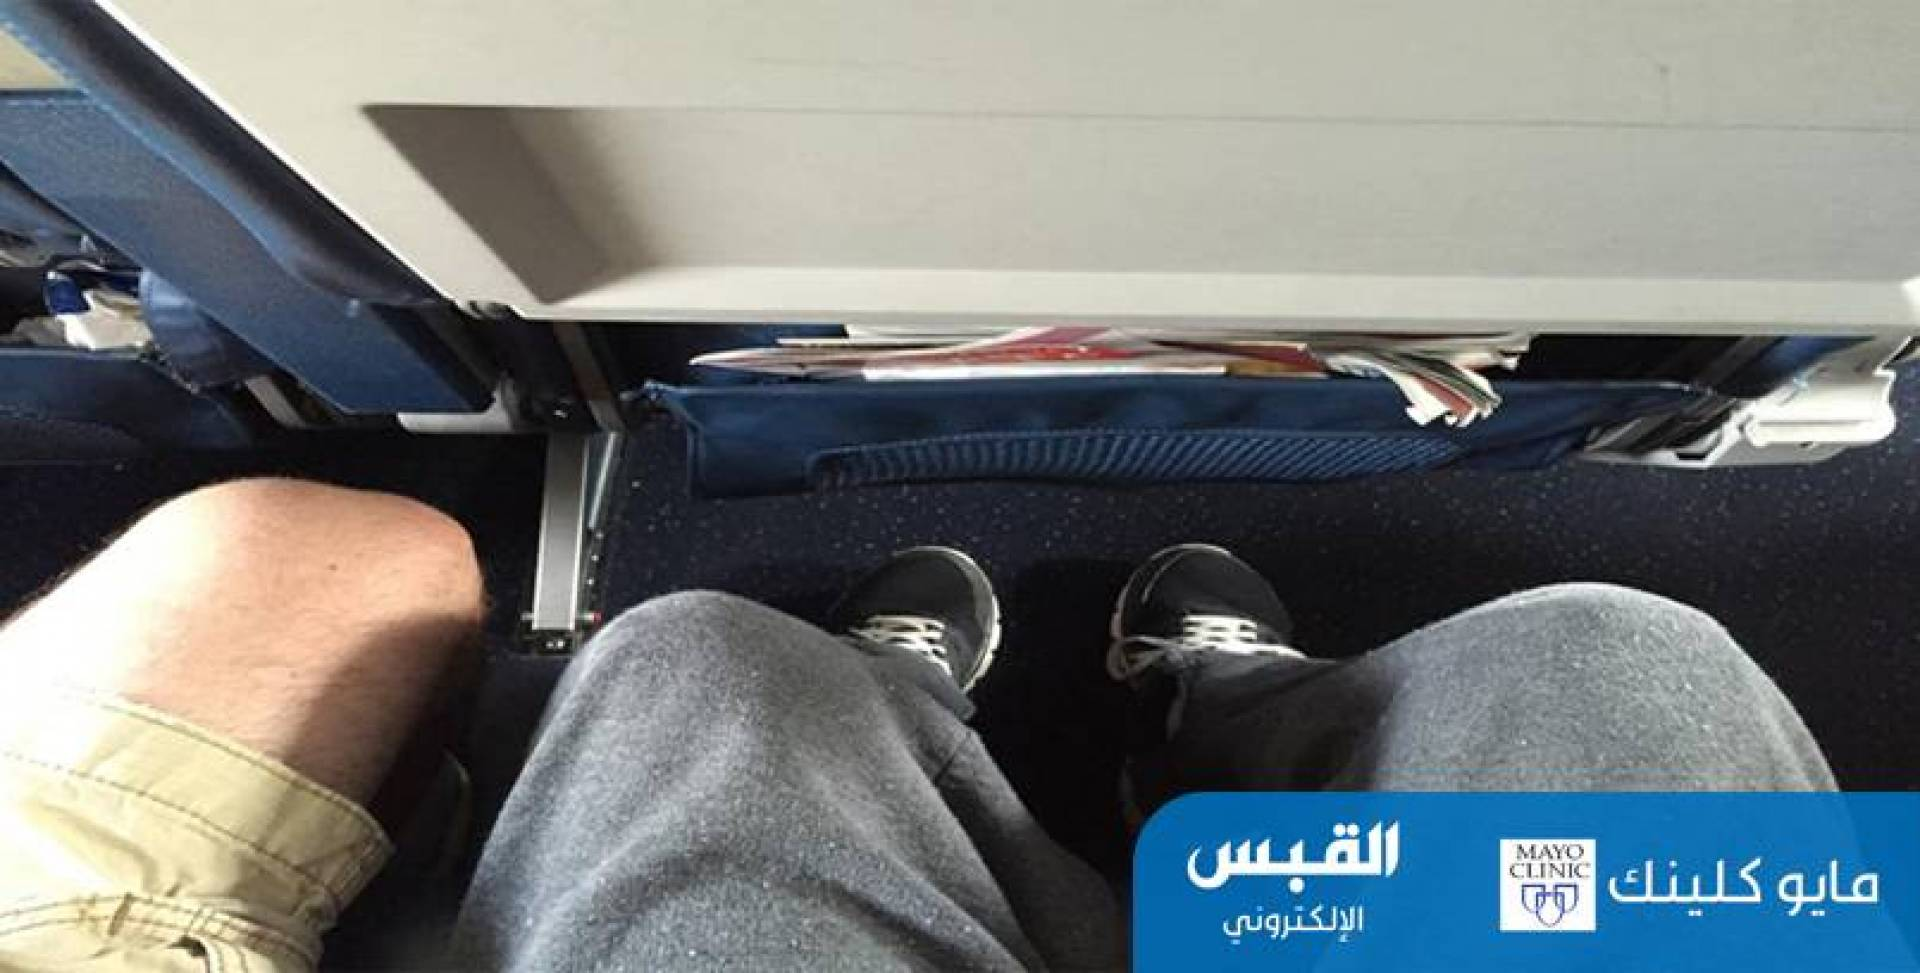 ما أسباب تورم الساق والقدم أثناء السفر؟